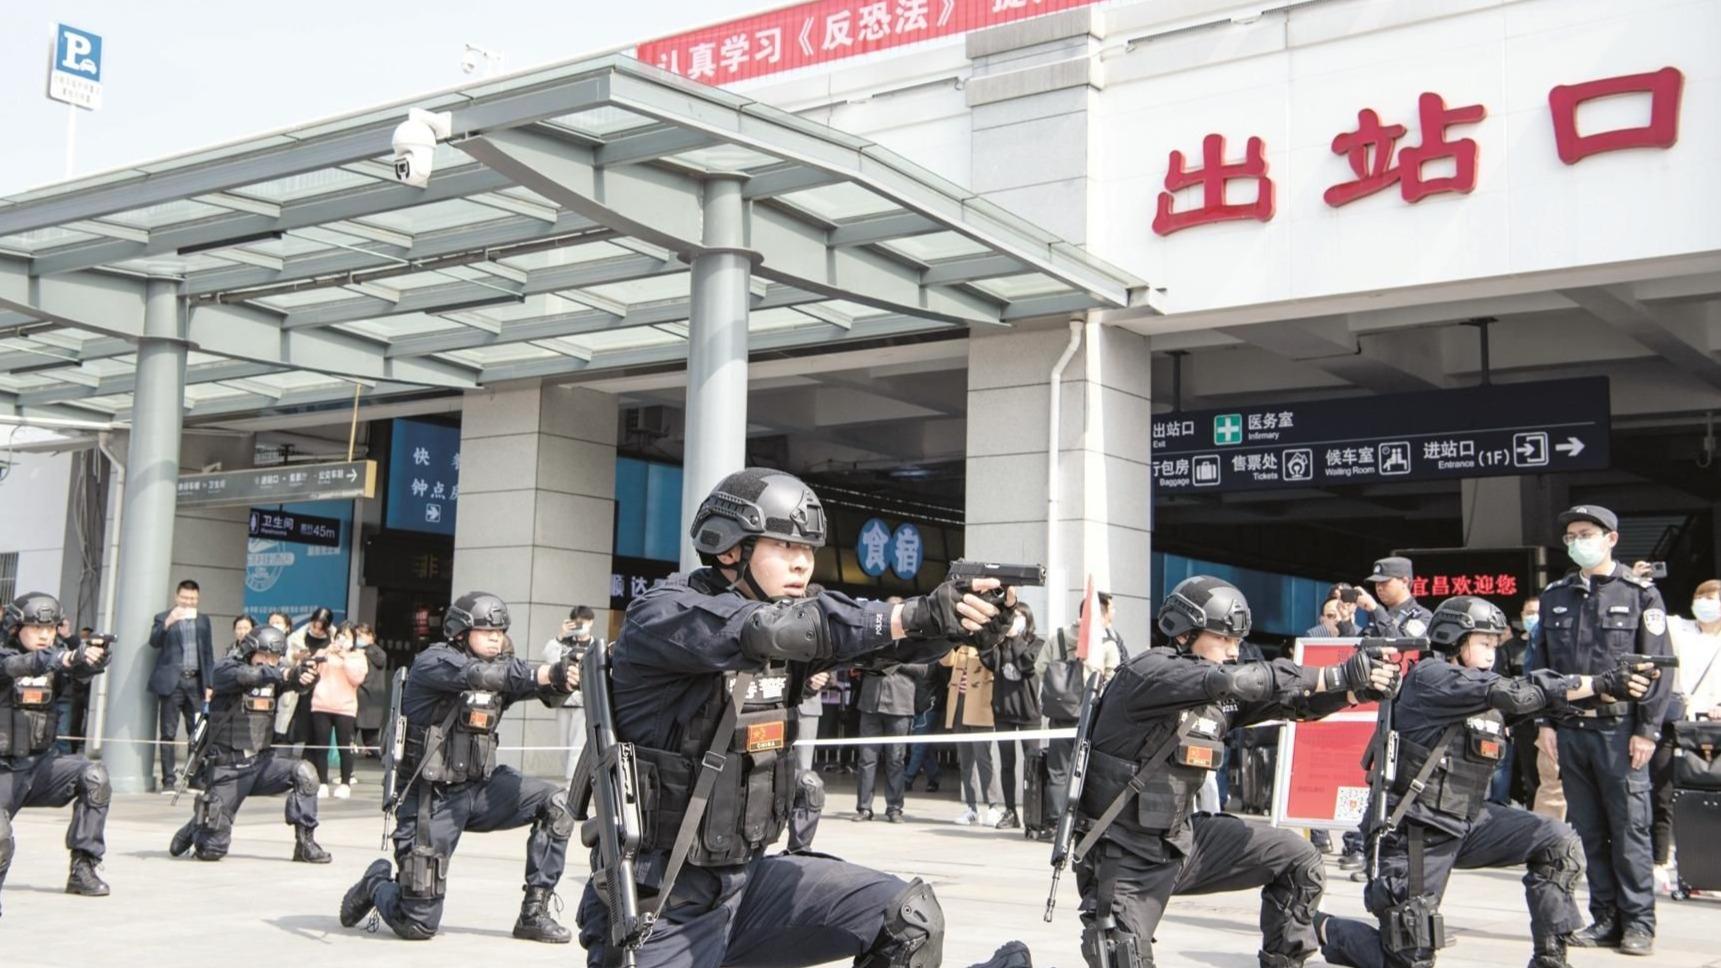 超燃!宜昌东站开展反恐演练